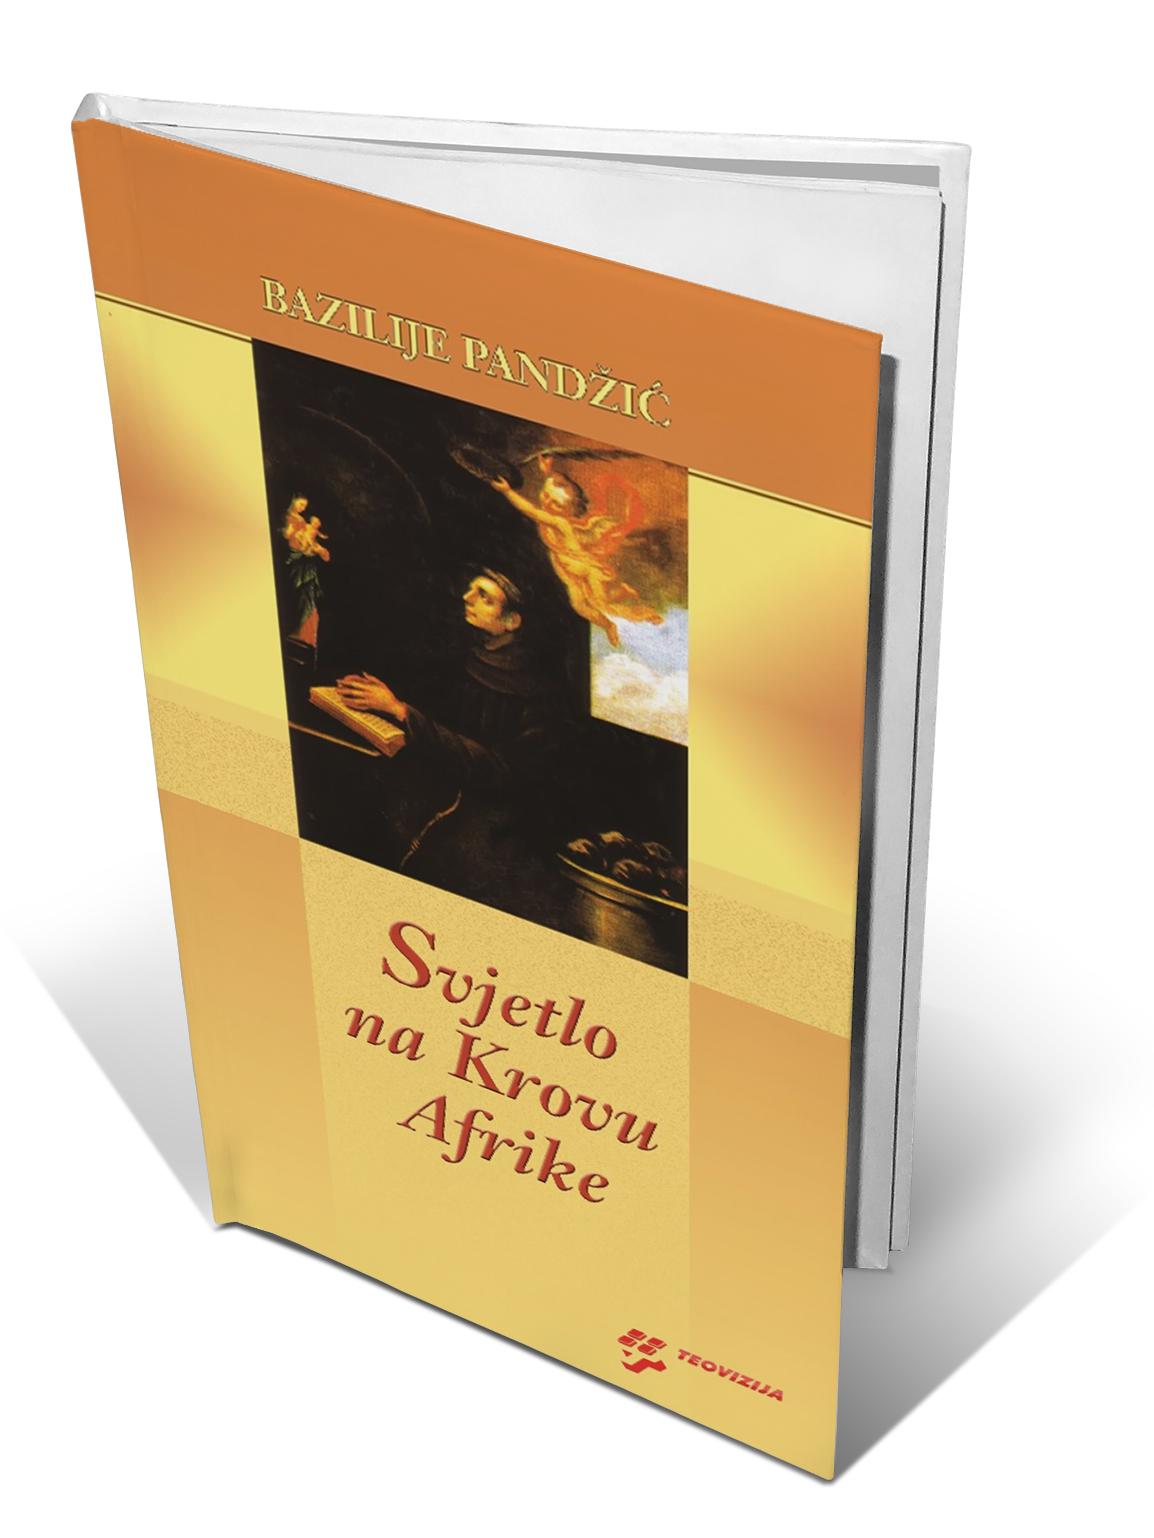 SVJETLO NA KROVU AFRIKE - Bazilije Pandžić